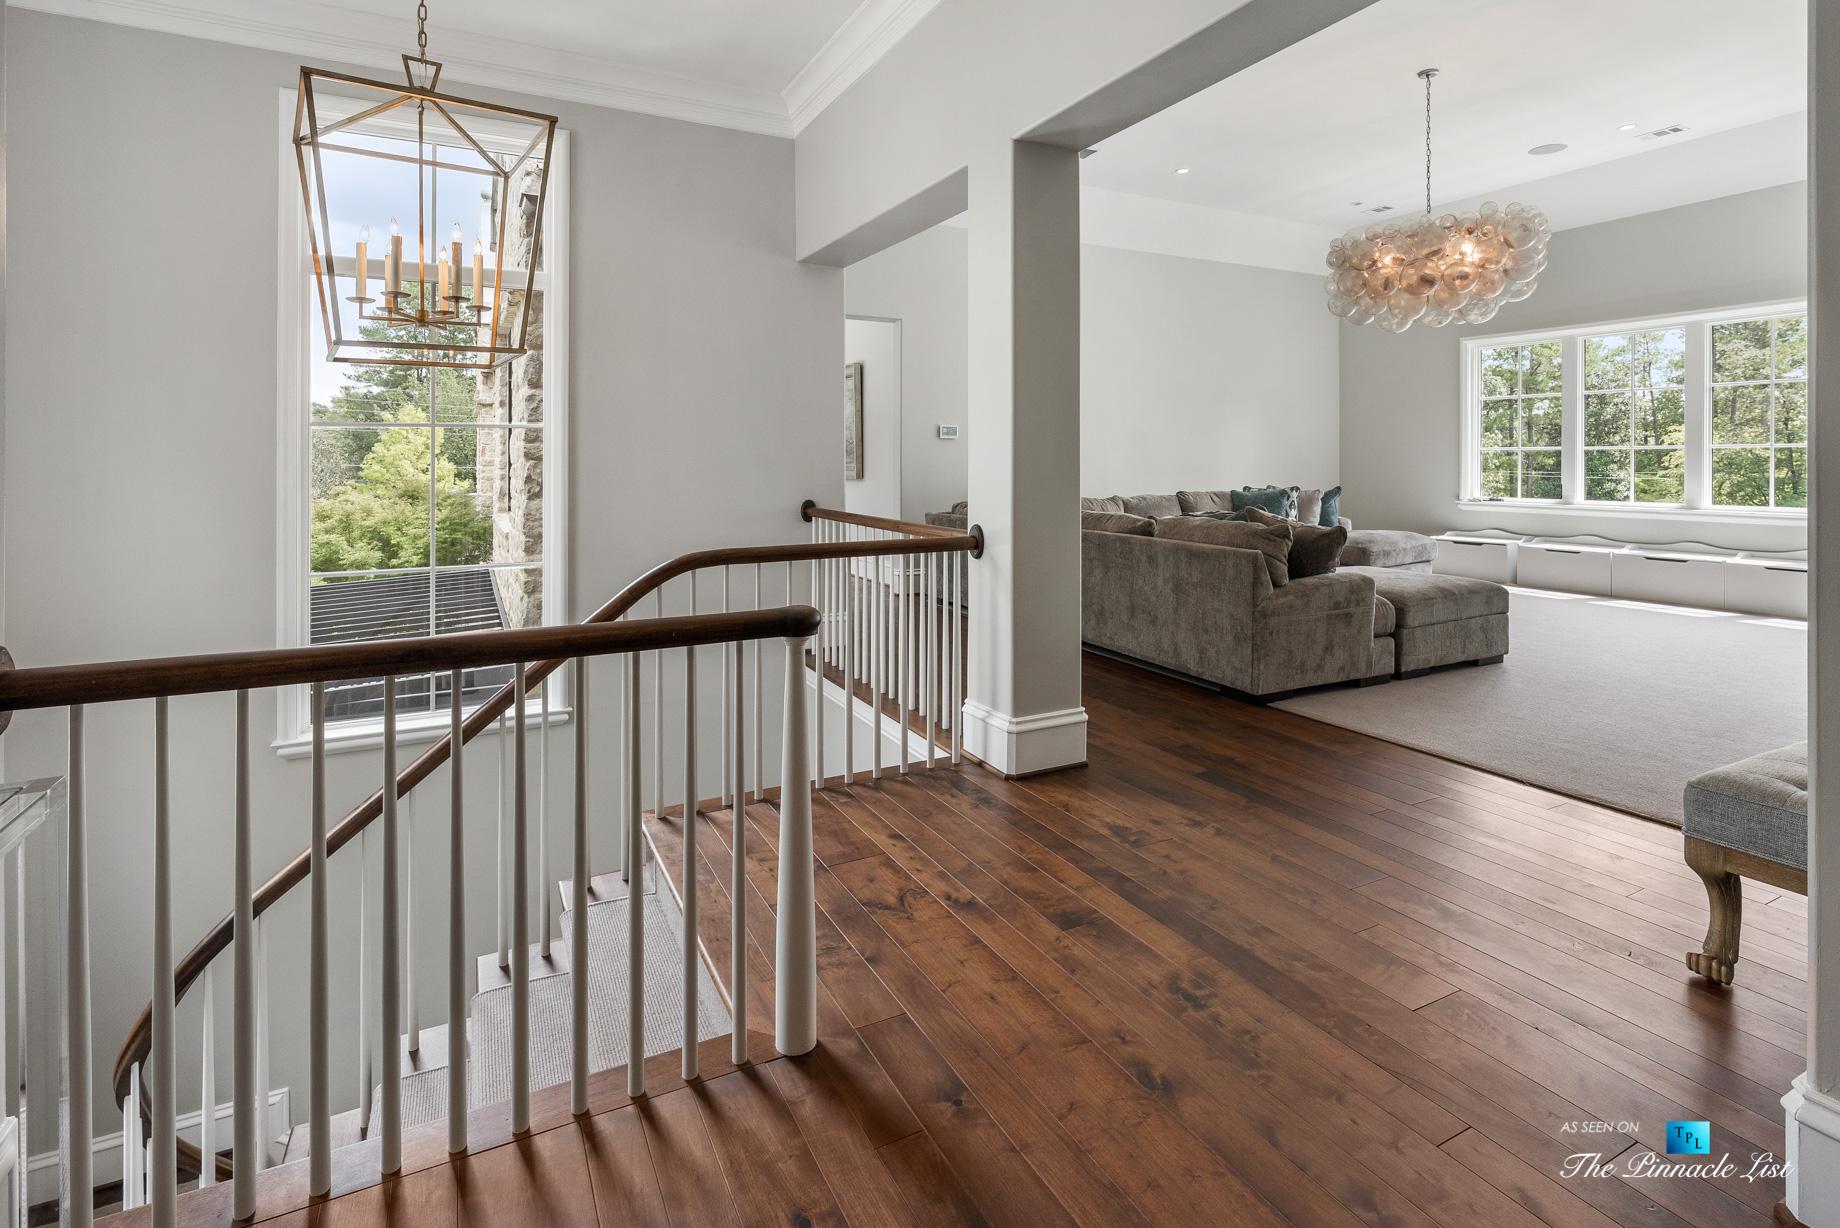 1150 W Garmon Rd, Atlanta, GA, USA – Stairs – Luxury Real Estate – Buckhead Estate Home